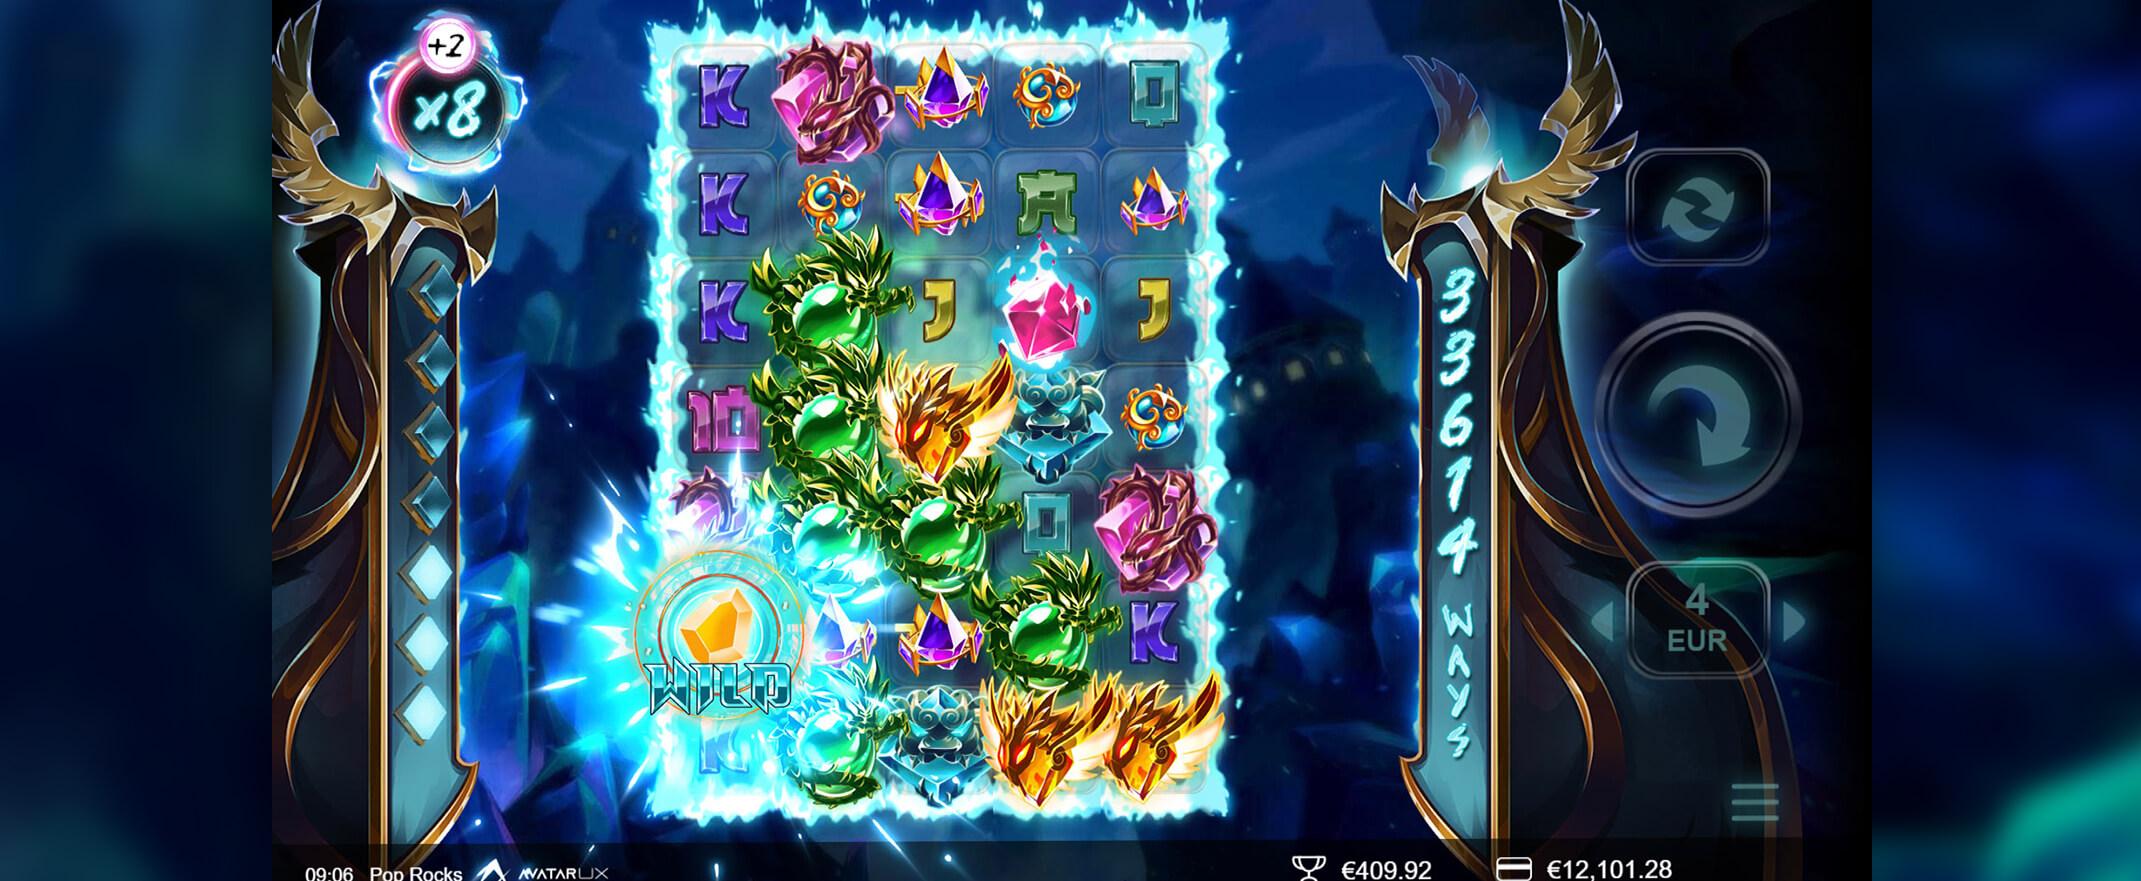 PopRocks Slot Gameplay